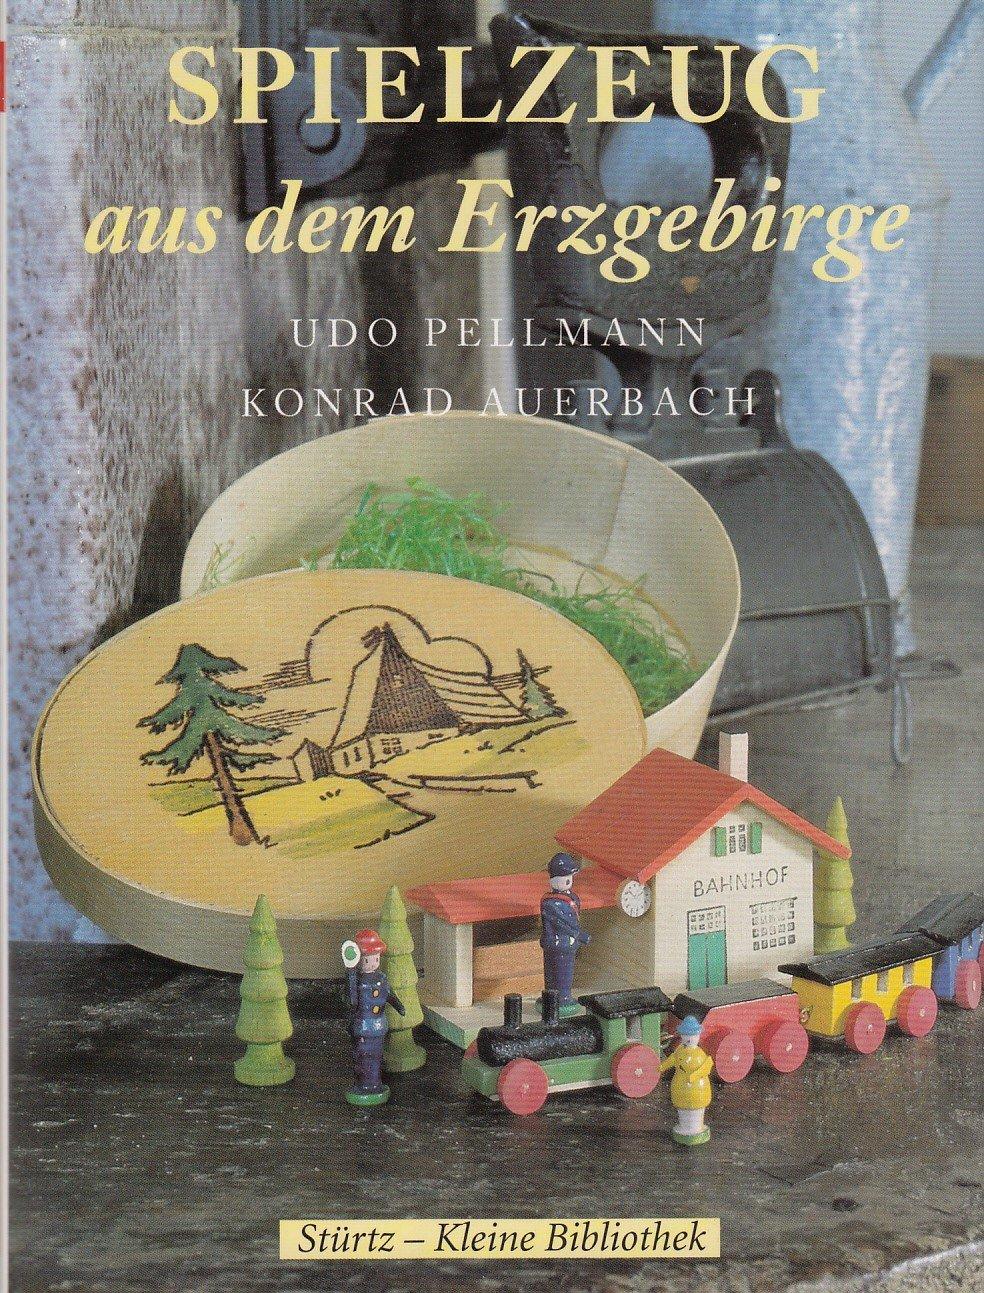 auerbach konrad spielzeug aus dem erzgebirge b cher gebraucht antiquarisch neu kaufen. Black Bedroom Furniture Sets. Home Design Ideas